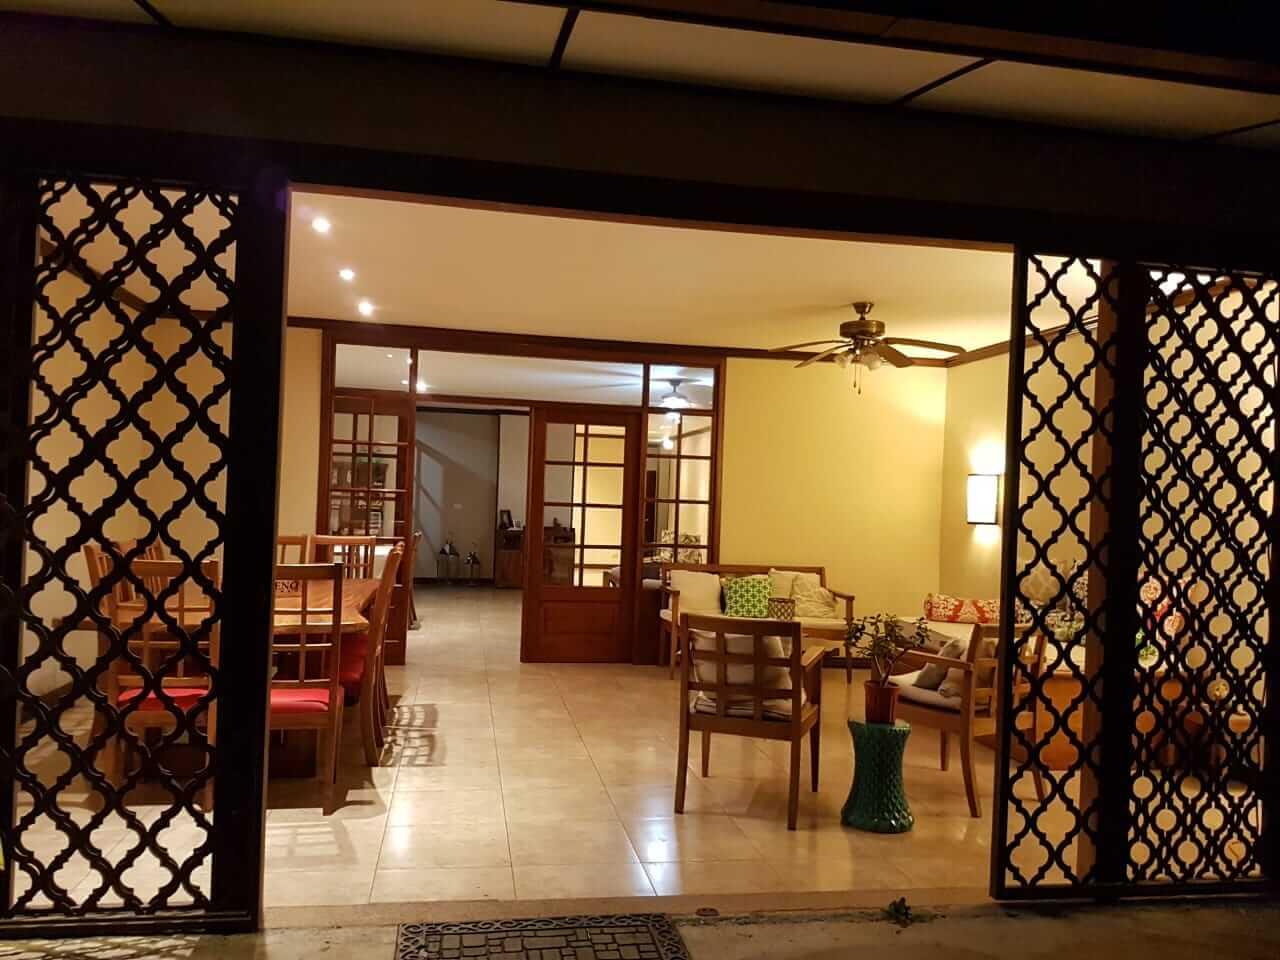 Venta de amplia y elegante casa de una sola planta en Piedades de Sana Ana